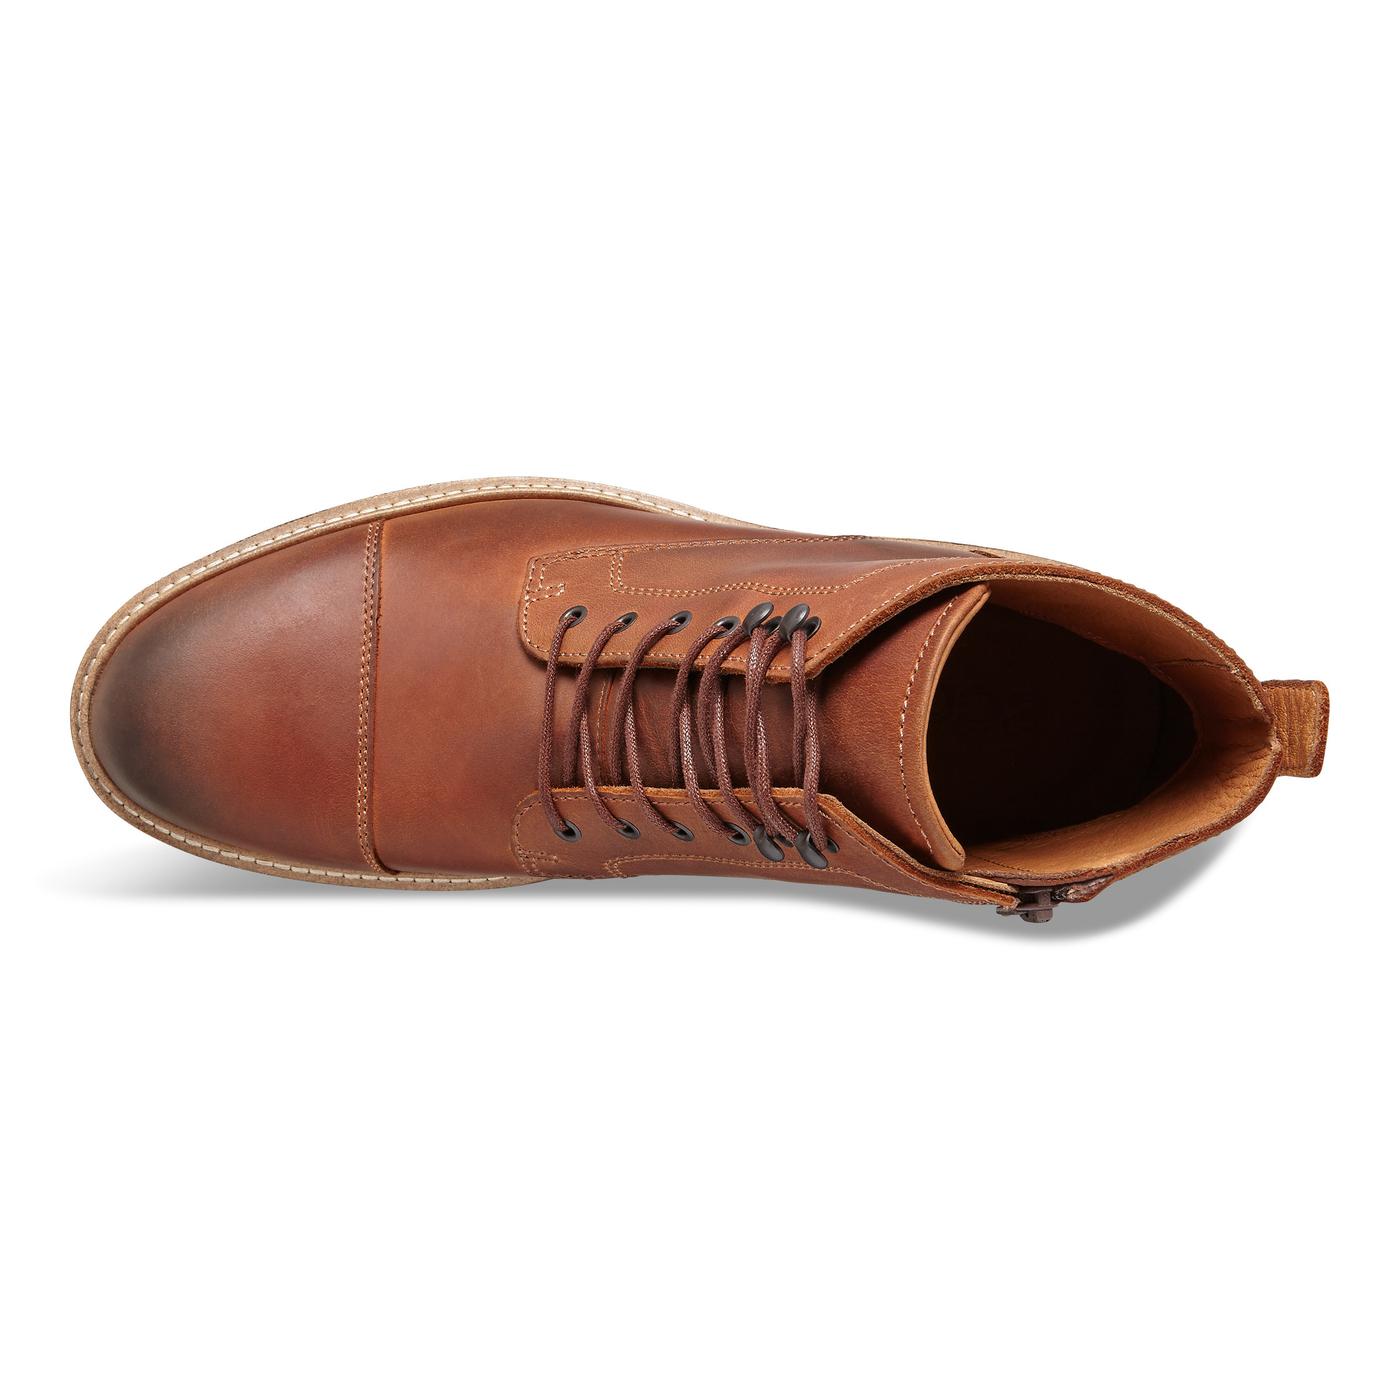 ECCO Kenton Vintage Boot